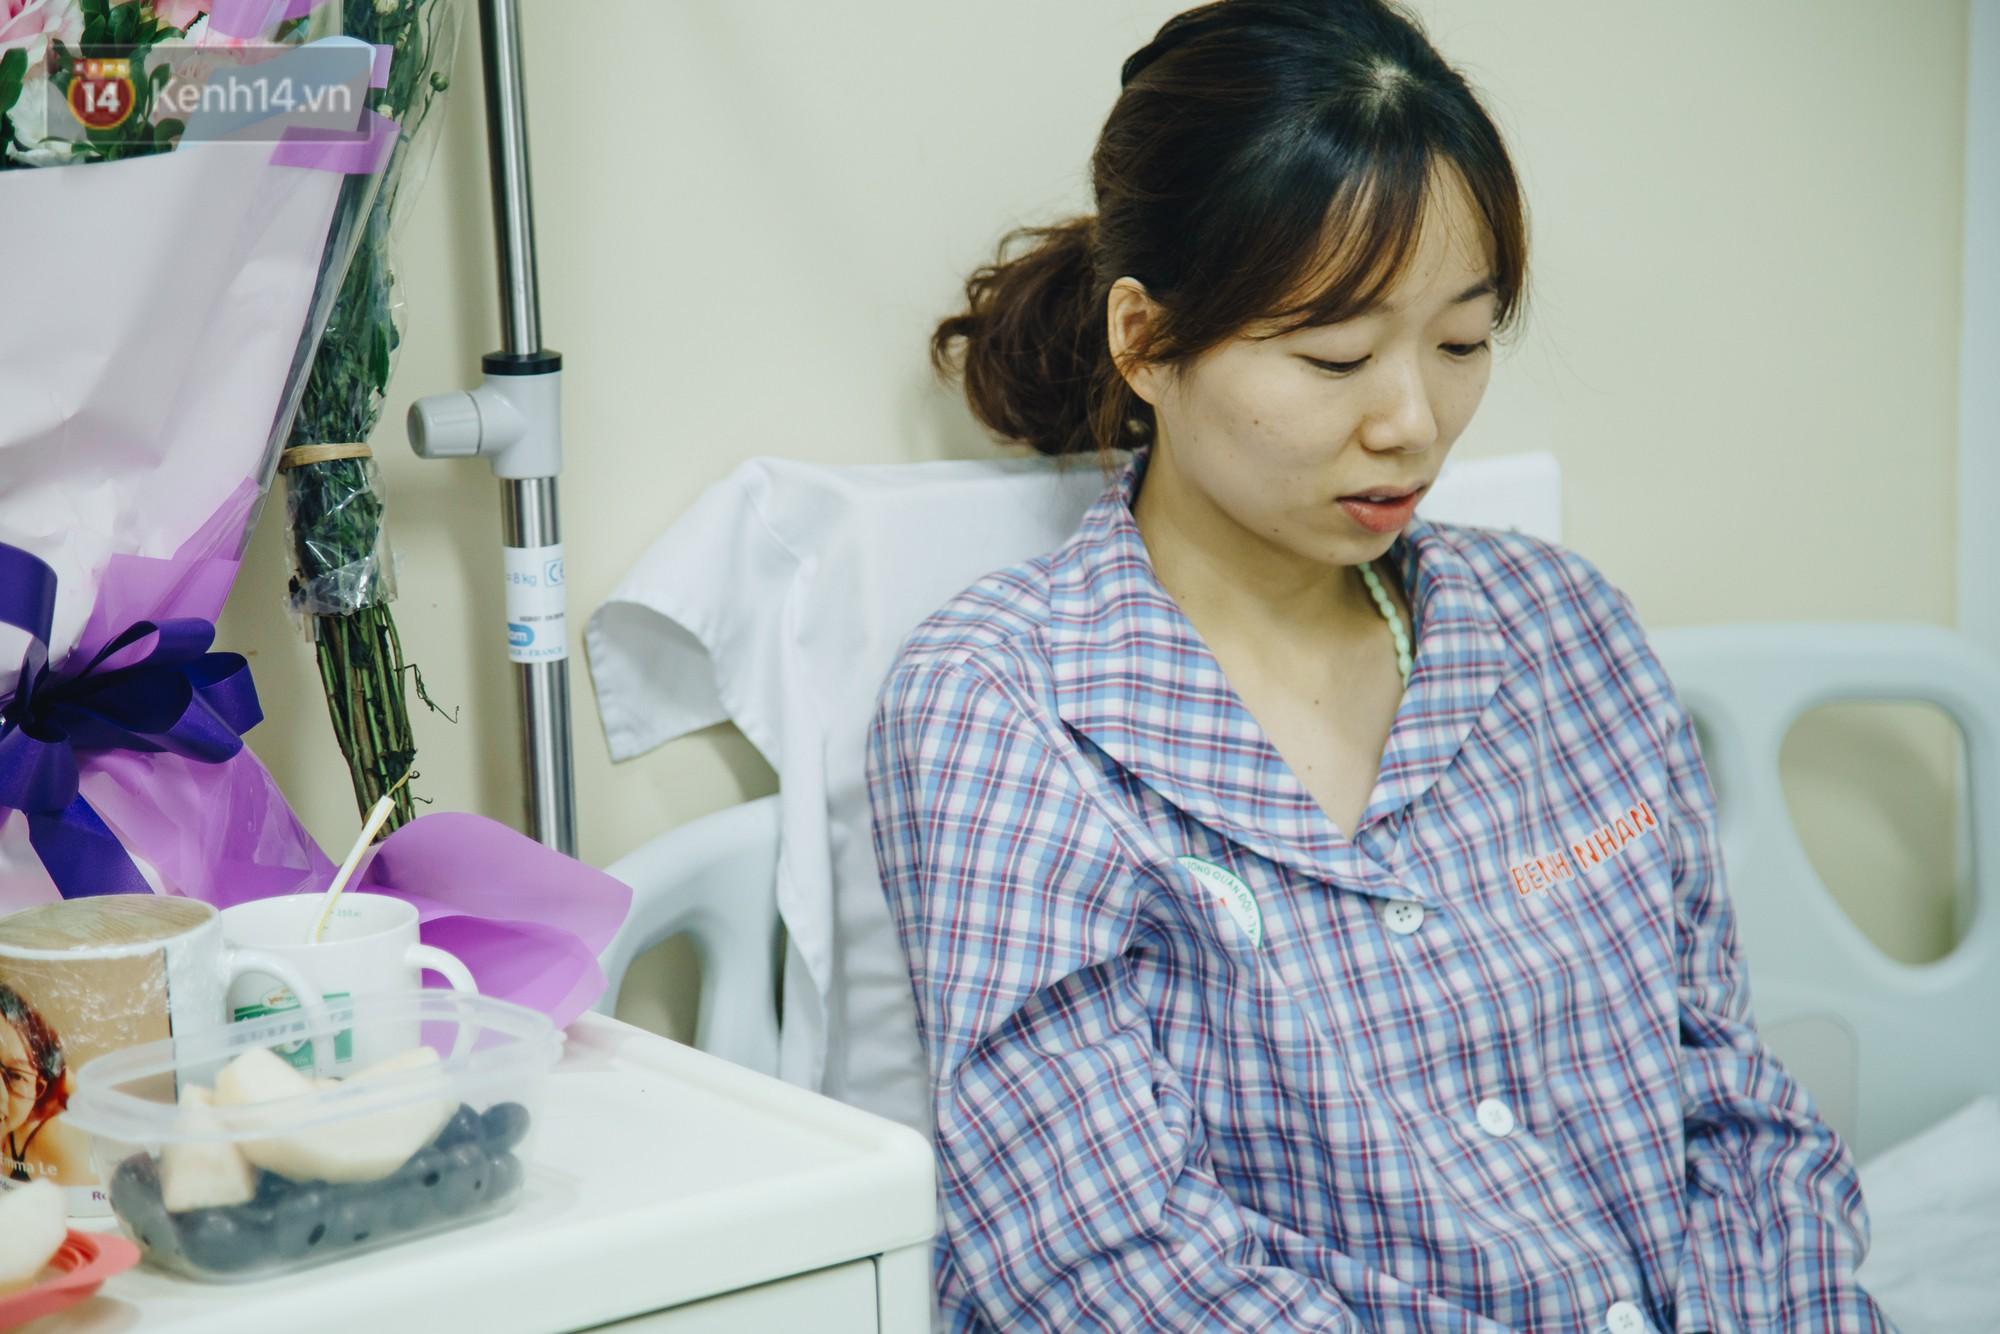 Thức đến 2h sáng, ăn đồ xào rán và lê la quán hàng - Thói quen của cô giáo 24 tuổi mắc ung thư gan giai đoạn 3 trở thành lời cảnh tỉnh người trẻ - Ảnh 1.